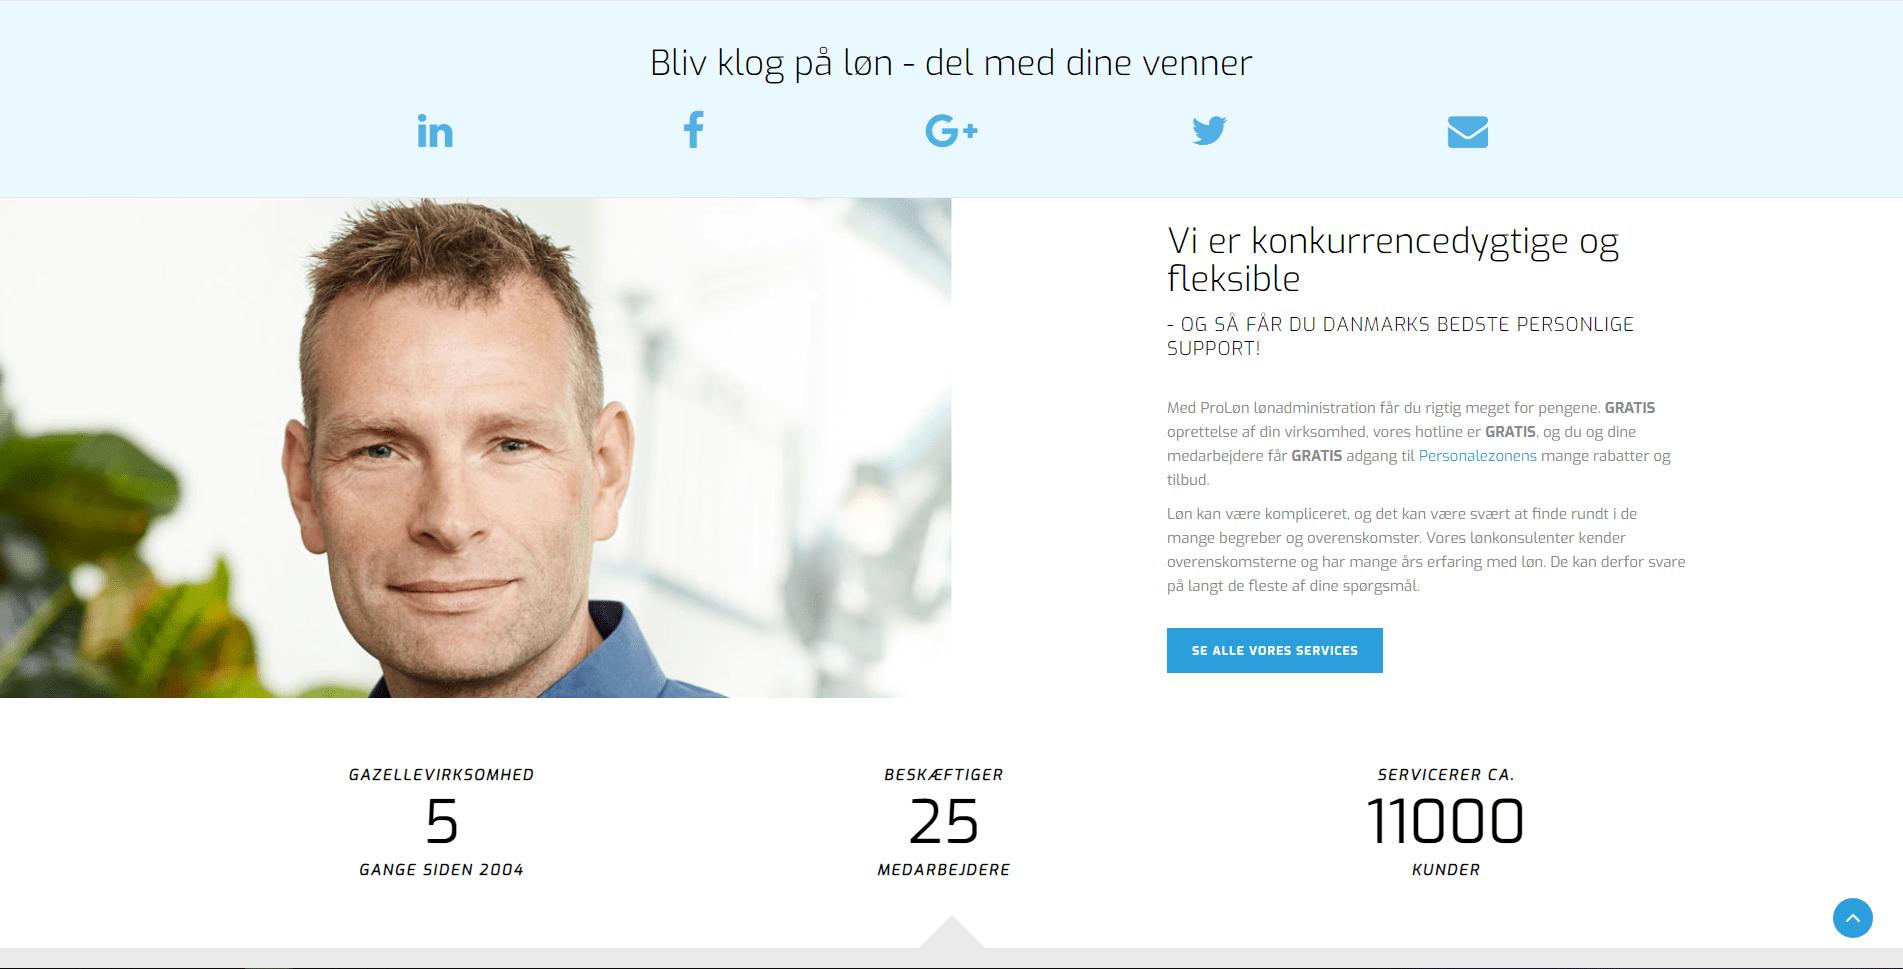 proløn website visitkort